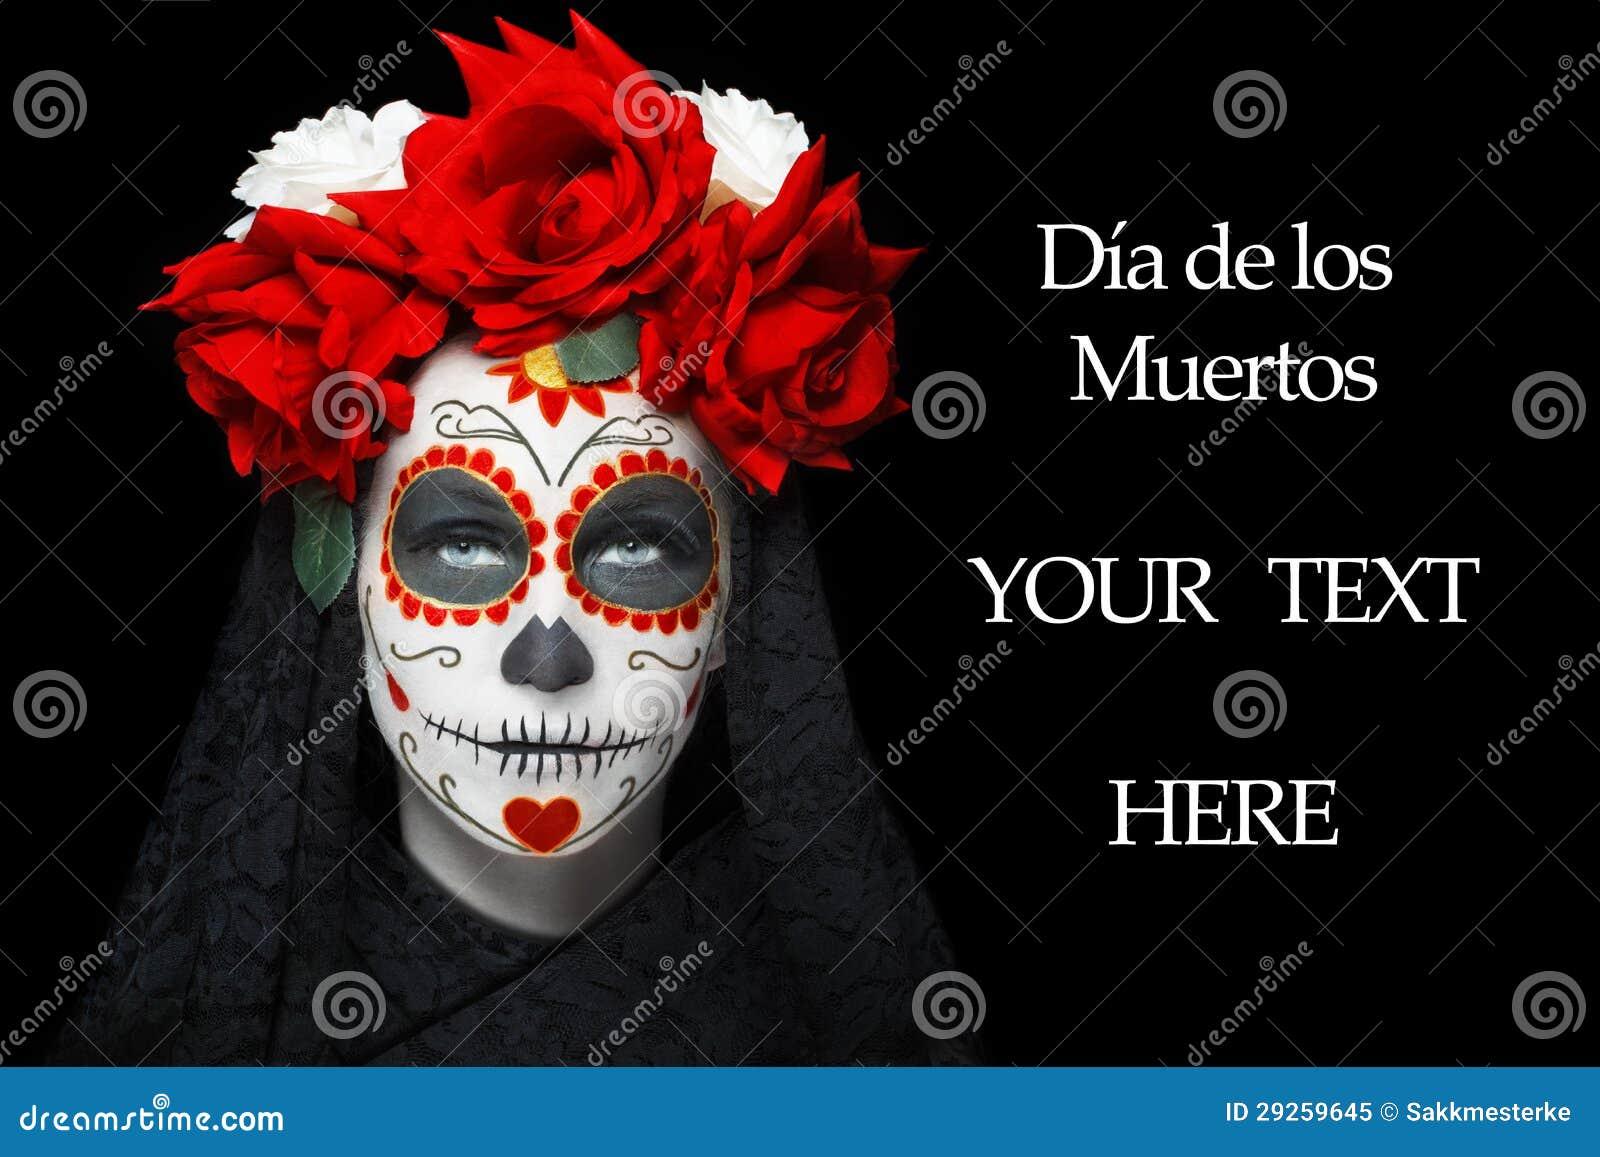 joven con el maquillaje de dia de los muertos, día de fondo muerto